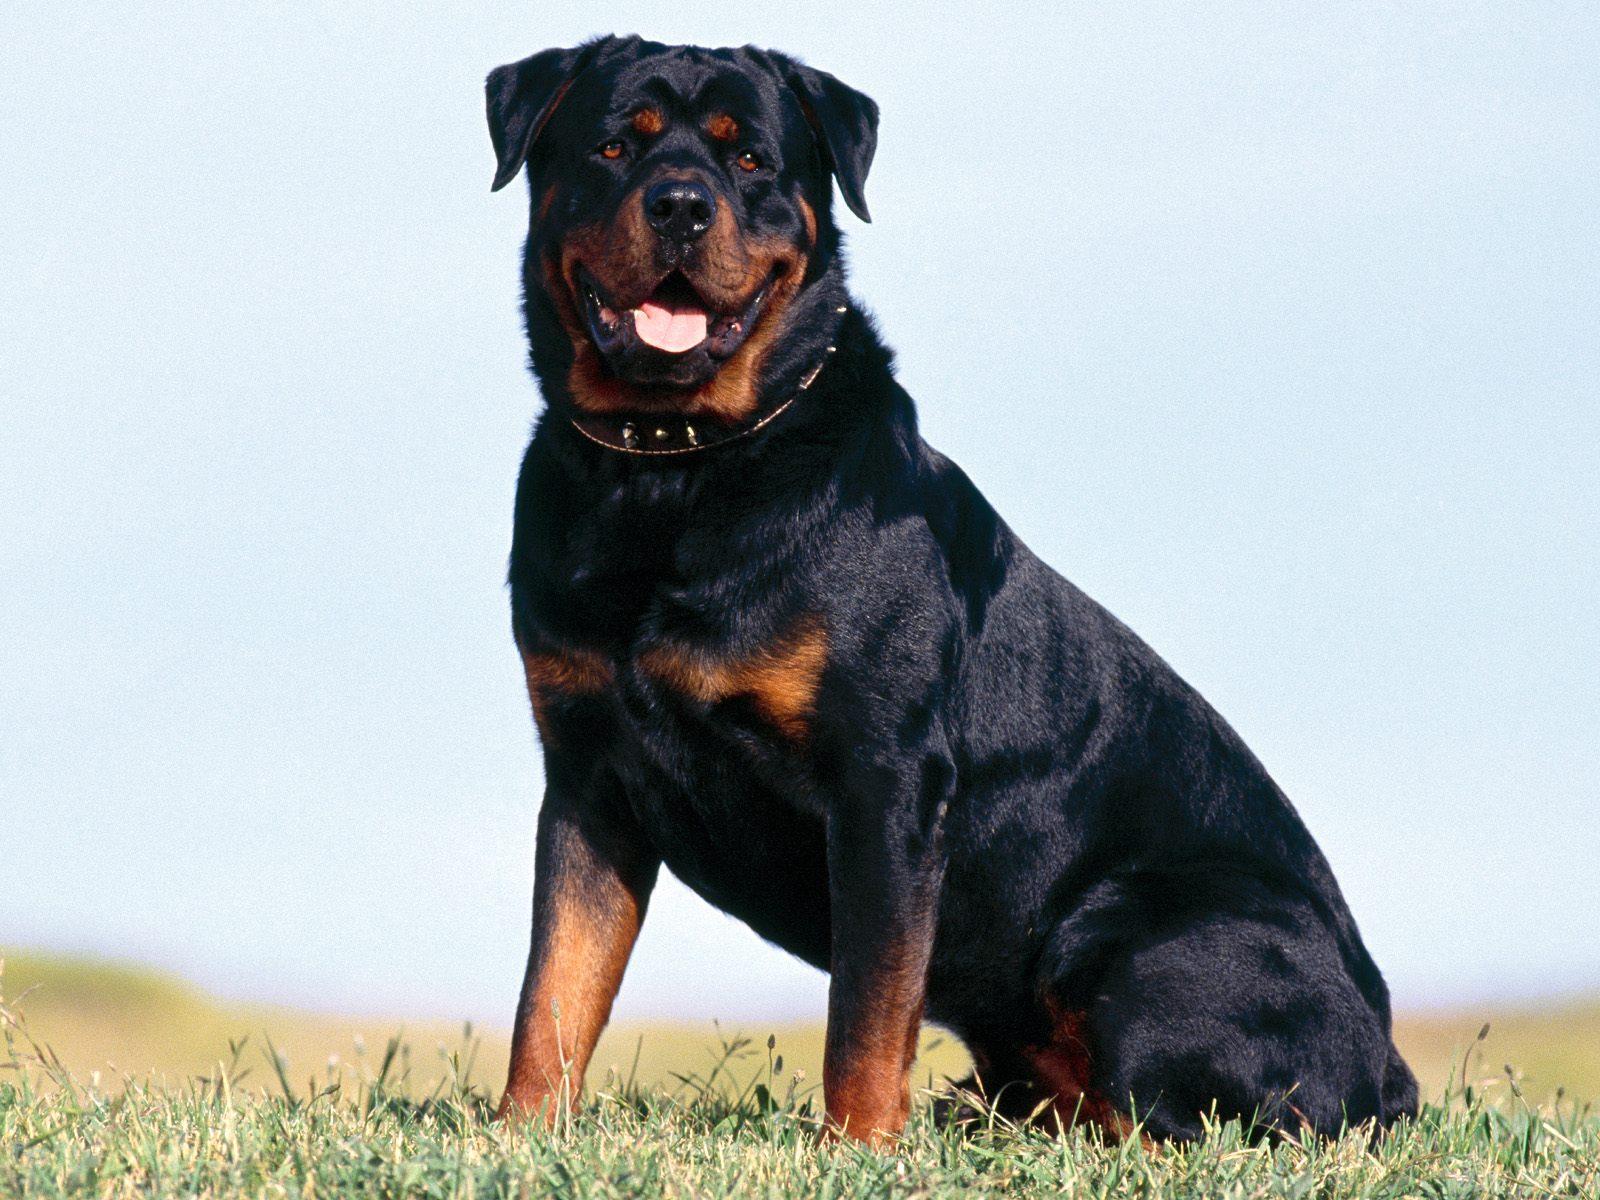 Fotos de Rottweiler para usar como fondo de pantalla